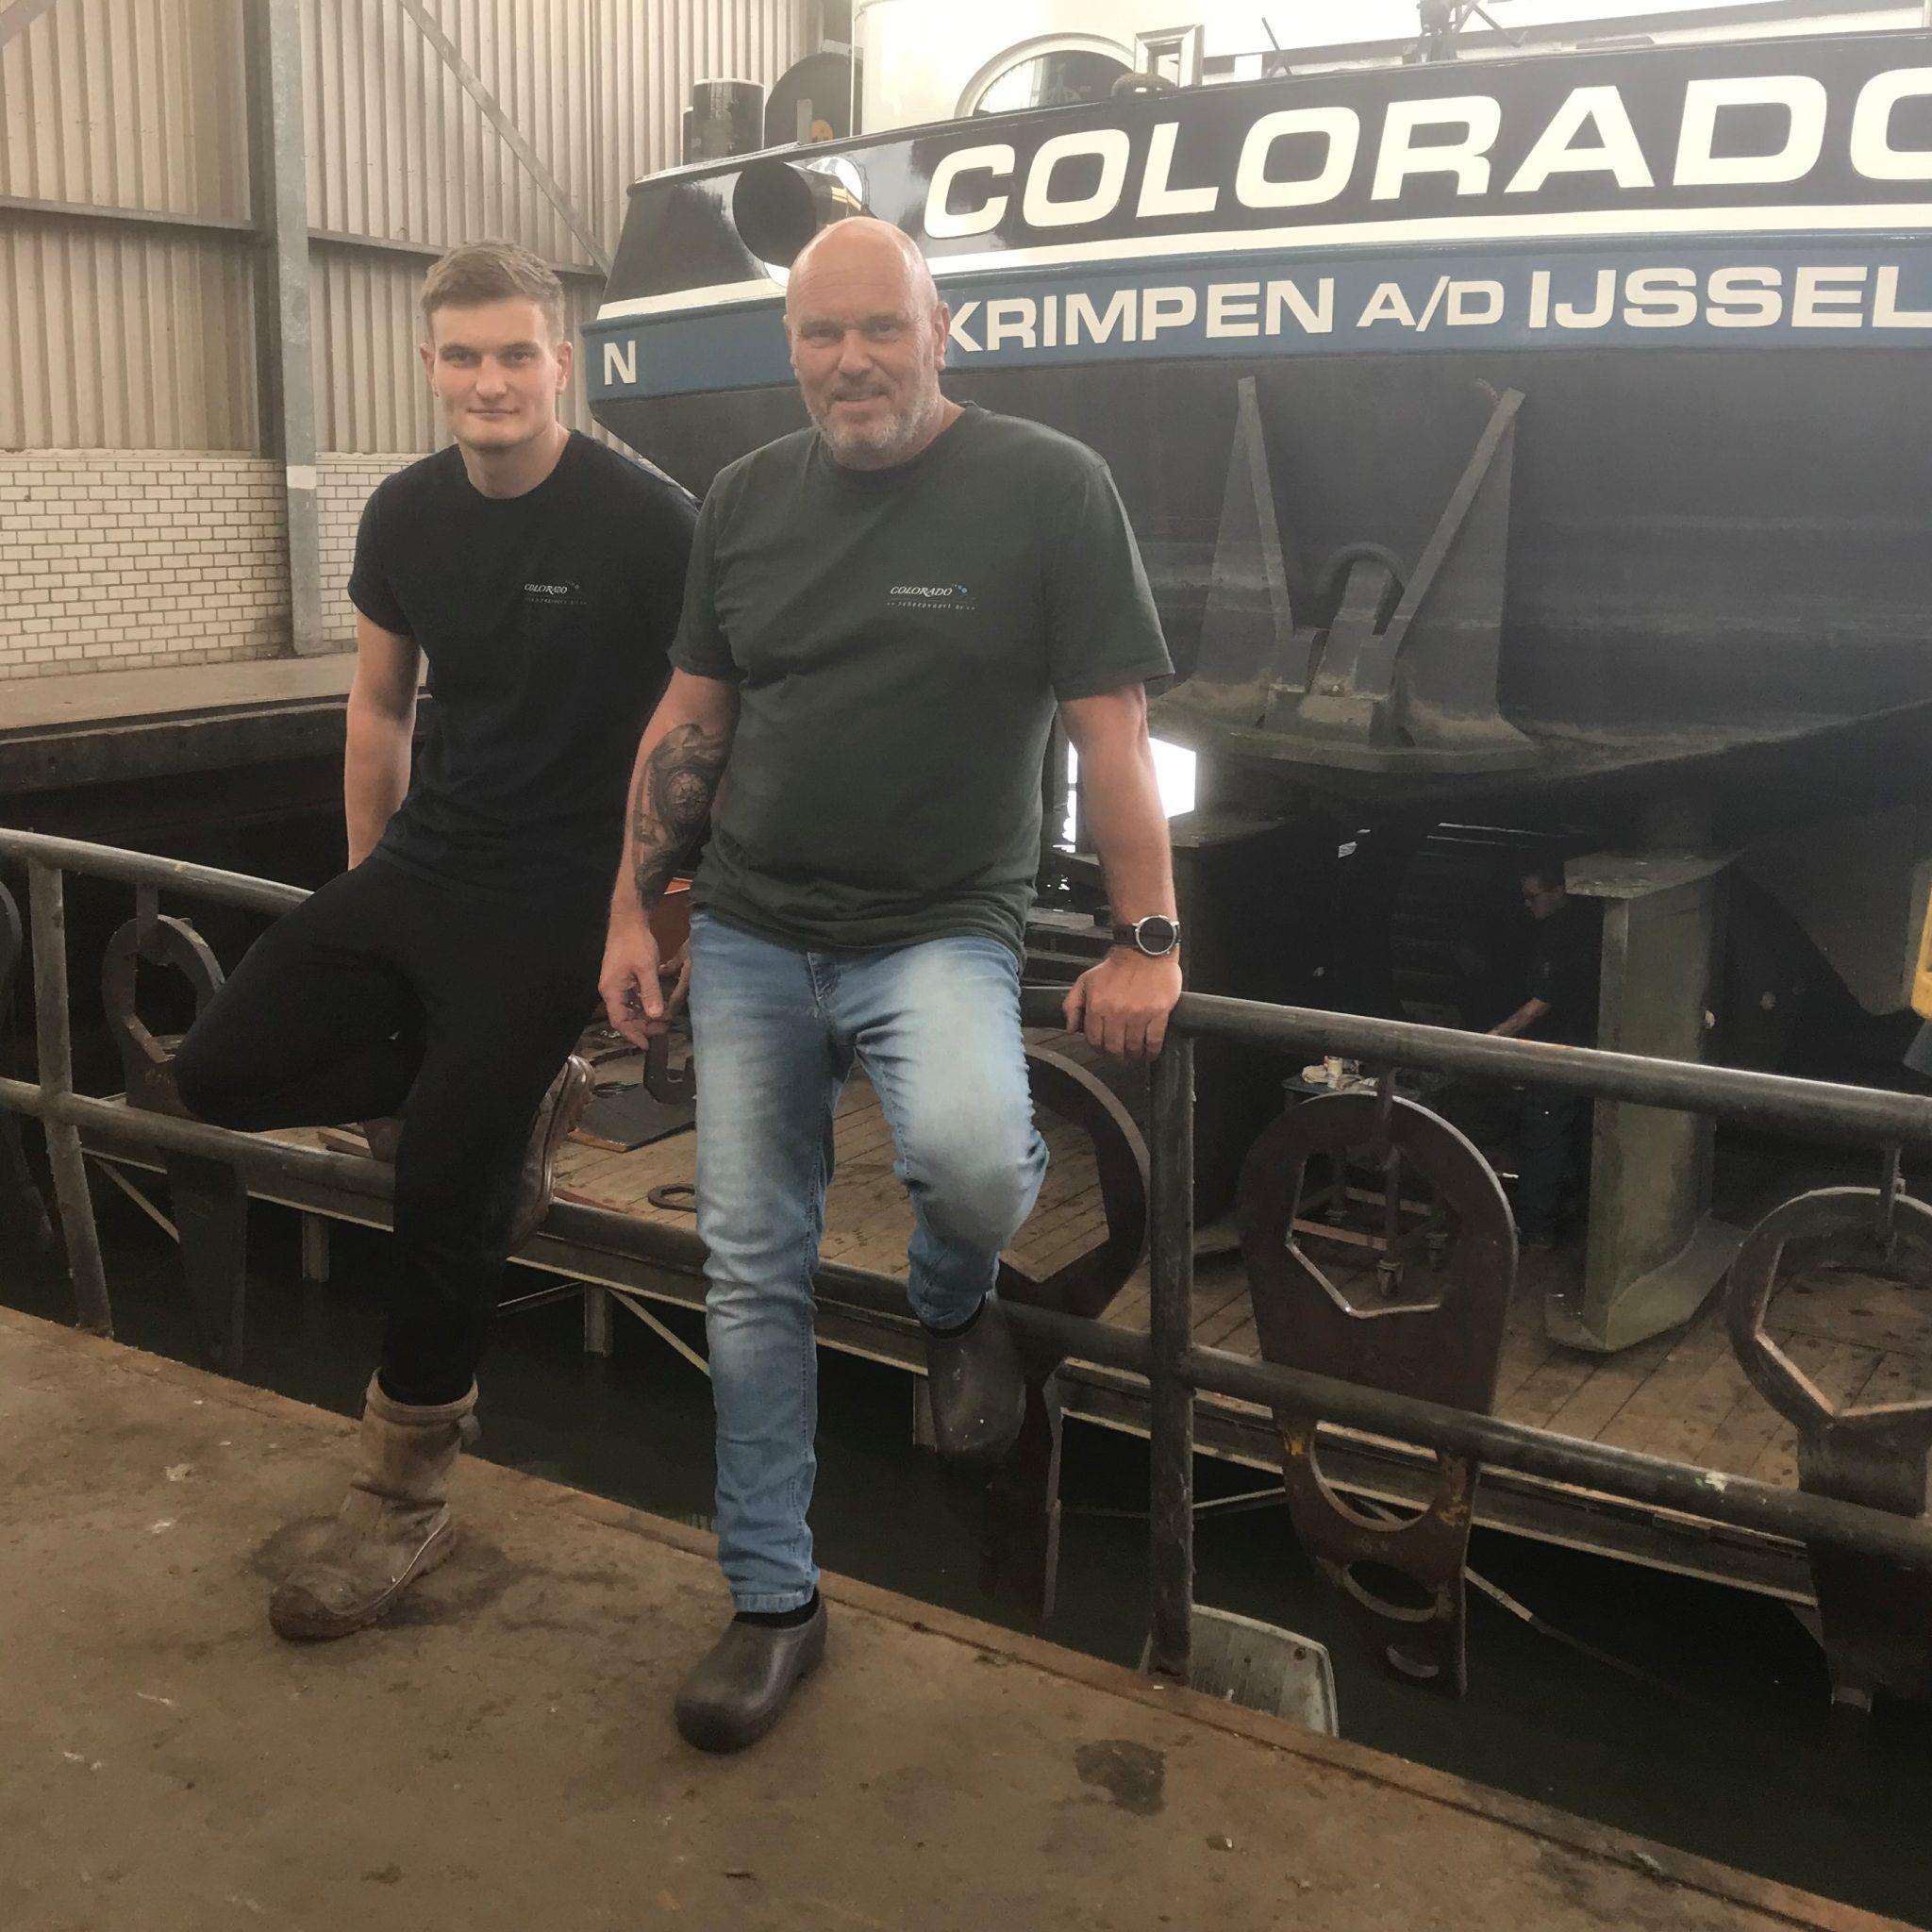 De Colorado ligt voor het eerst in de scheepslift in Werkendam. (Foto Hannie Visser-Kieboom)